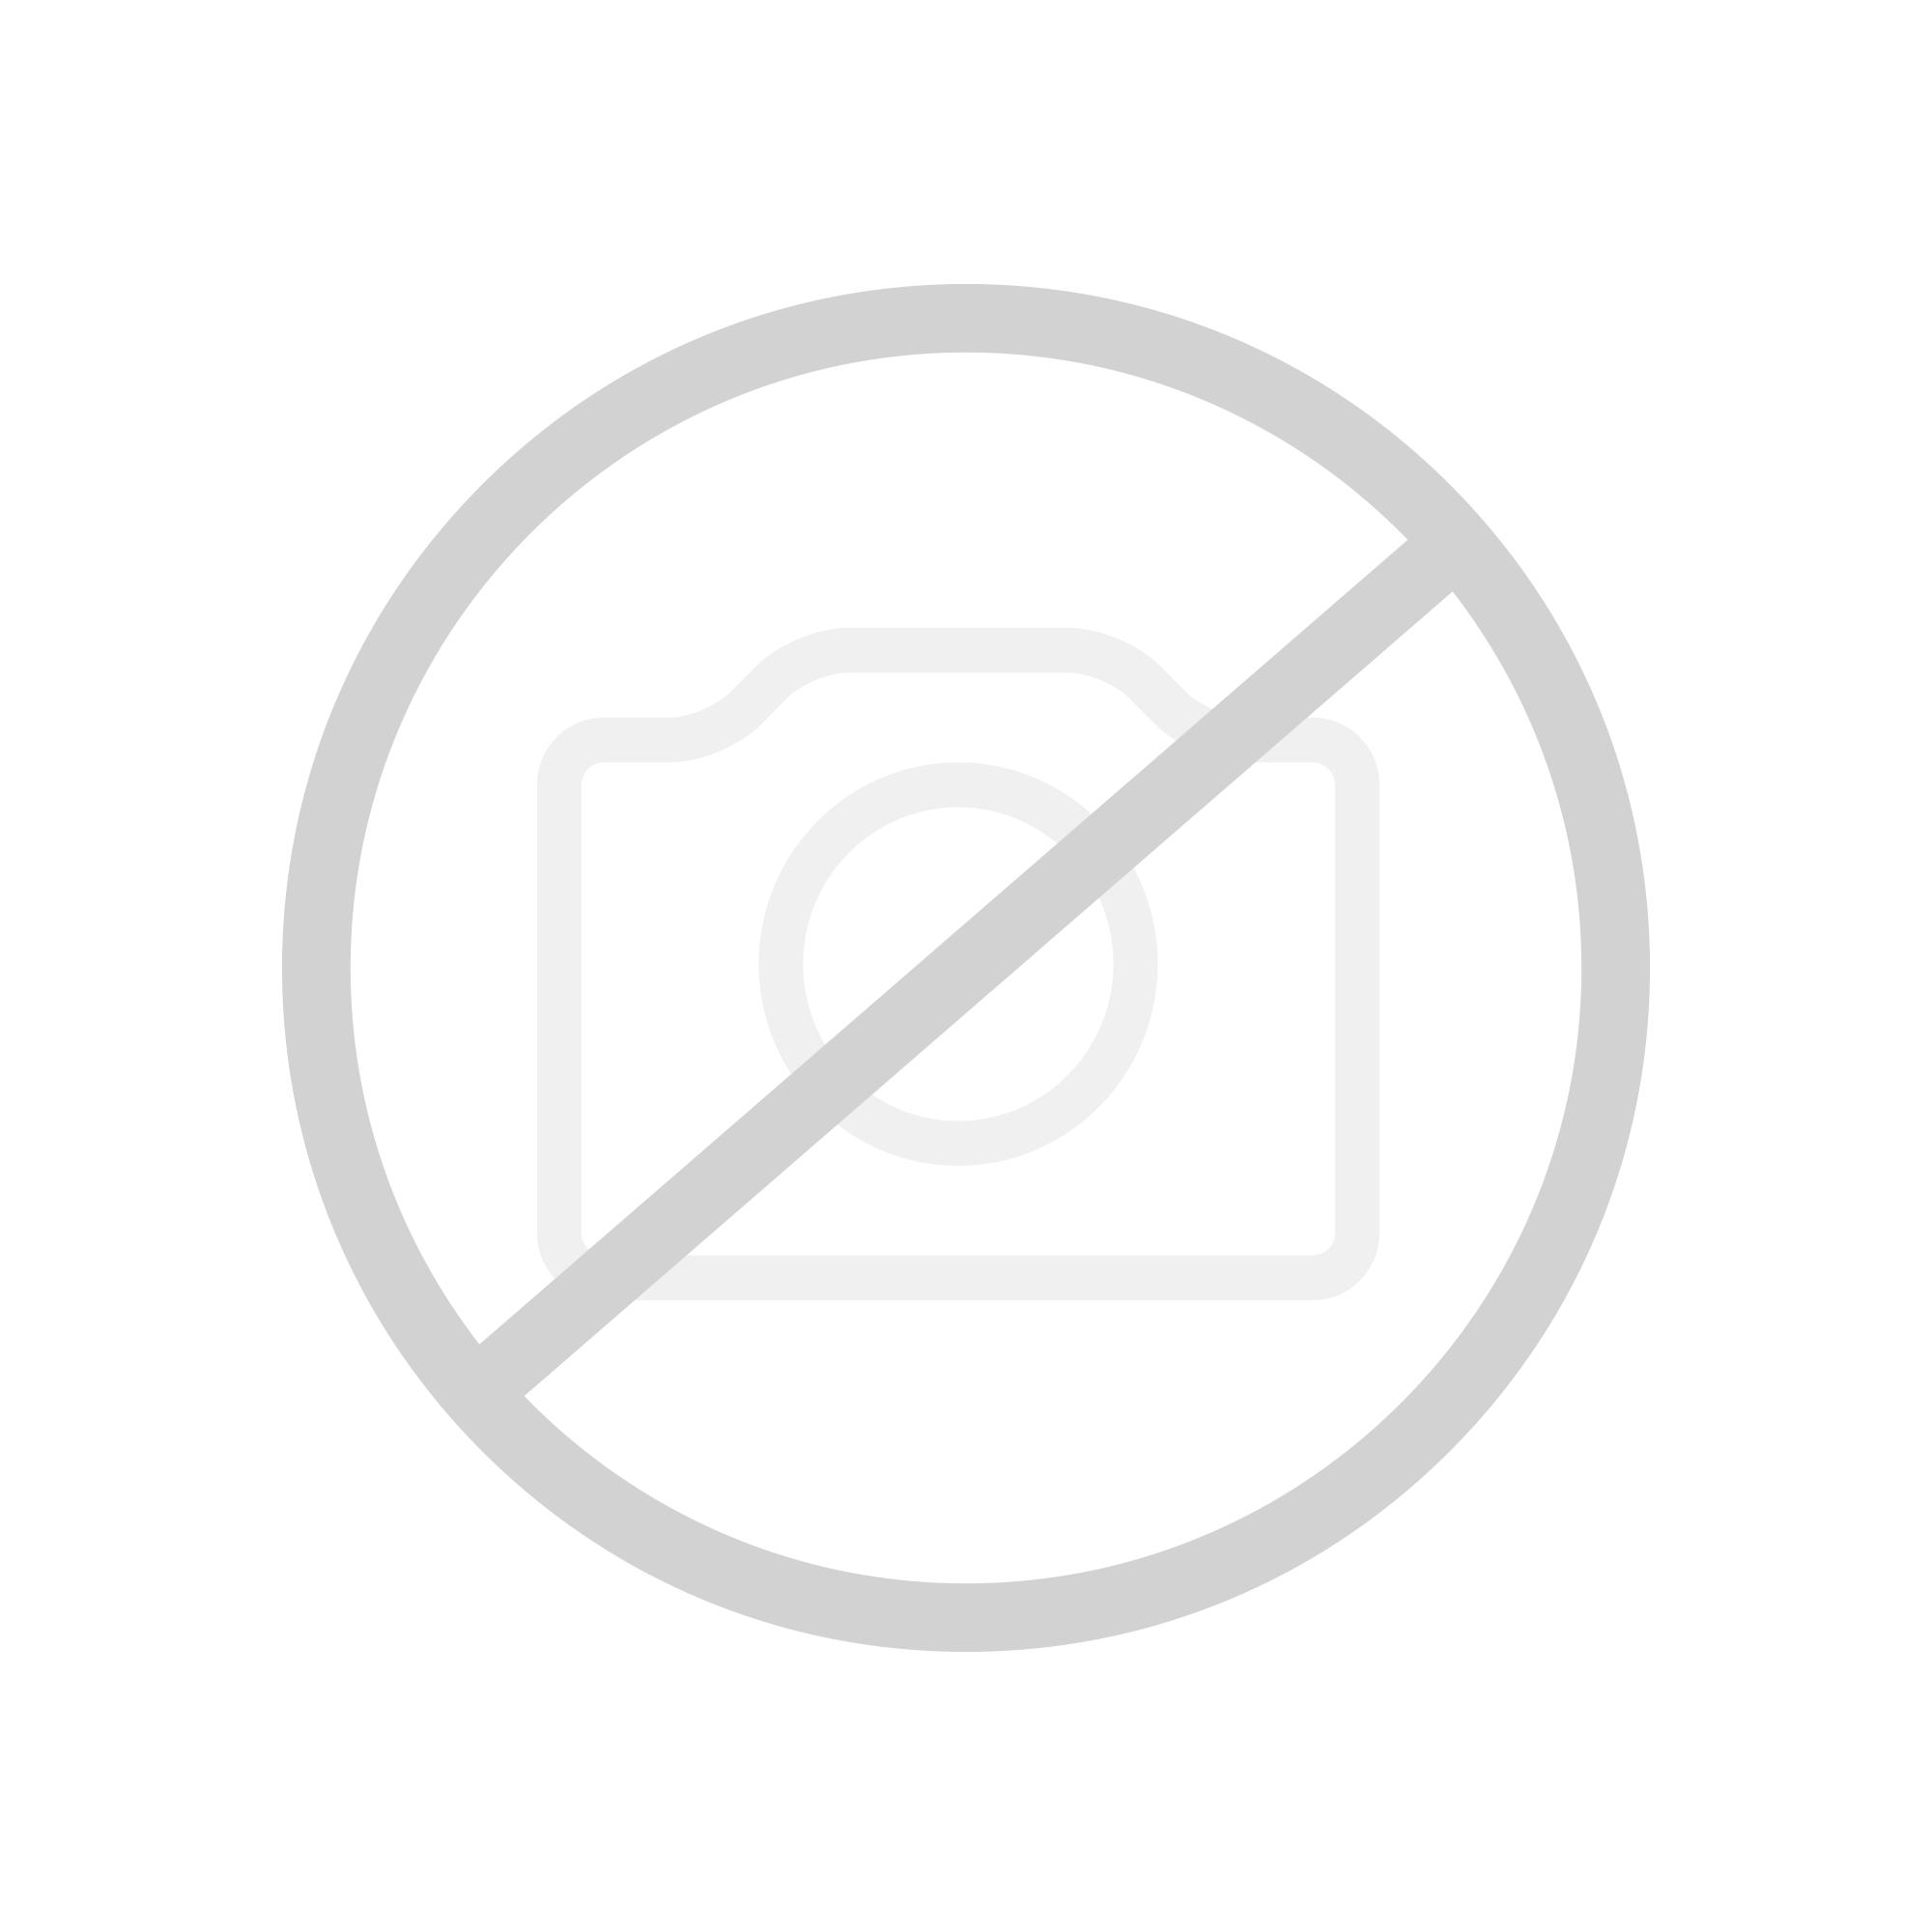 Schneider GRACELINE Spiegelschrank mit 3 Türen